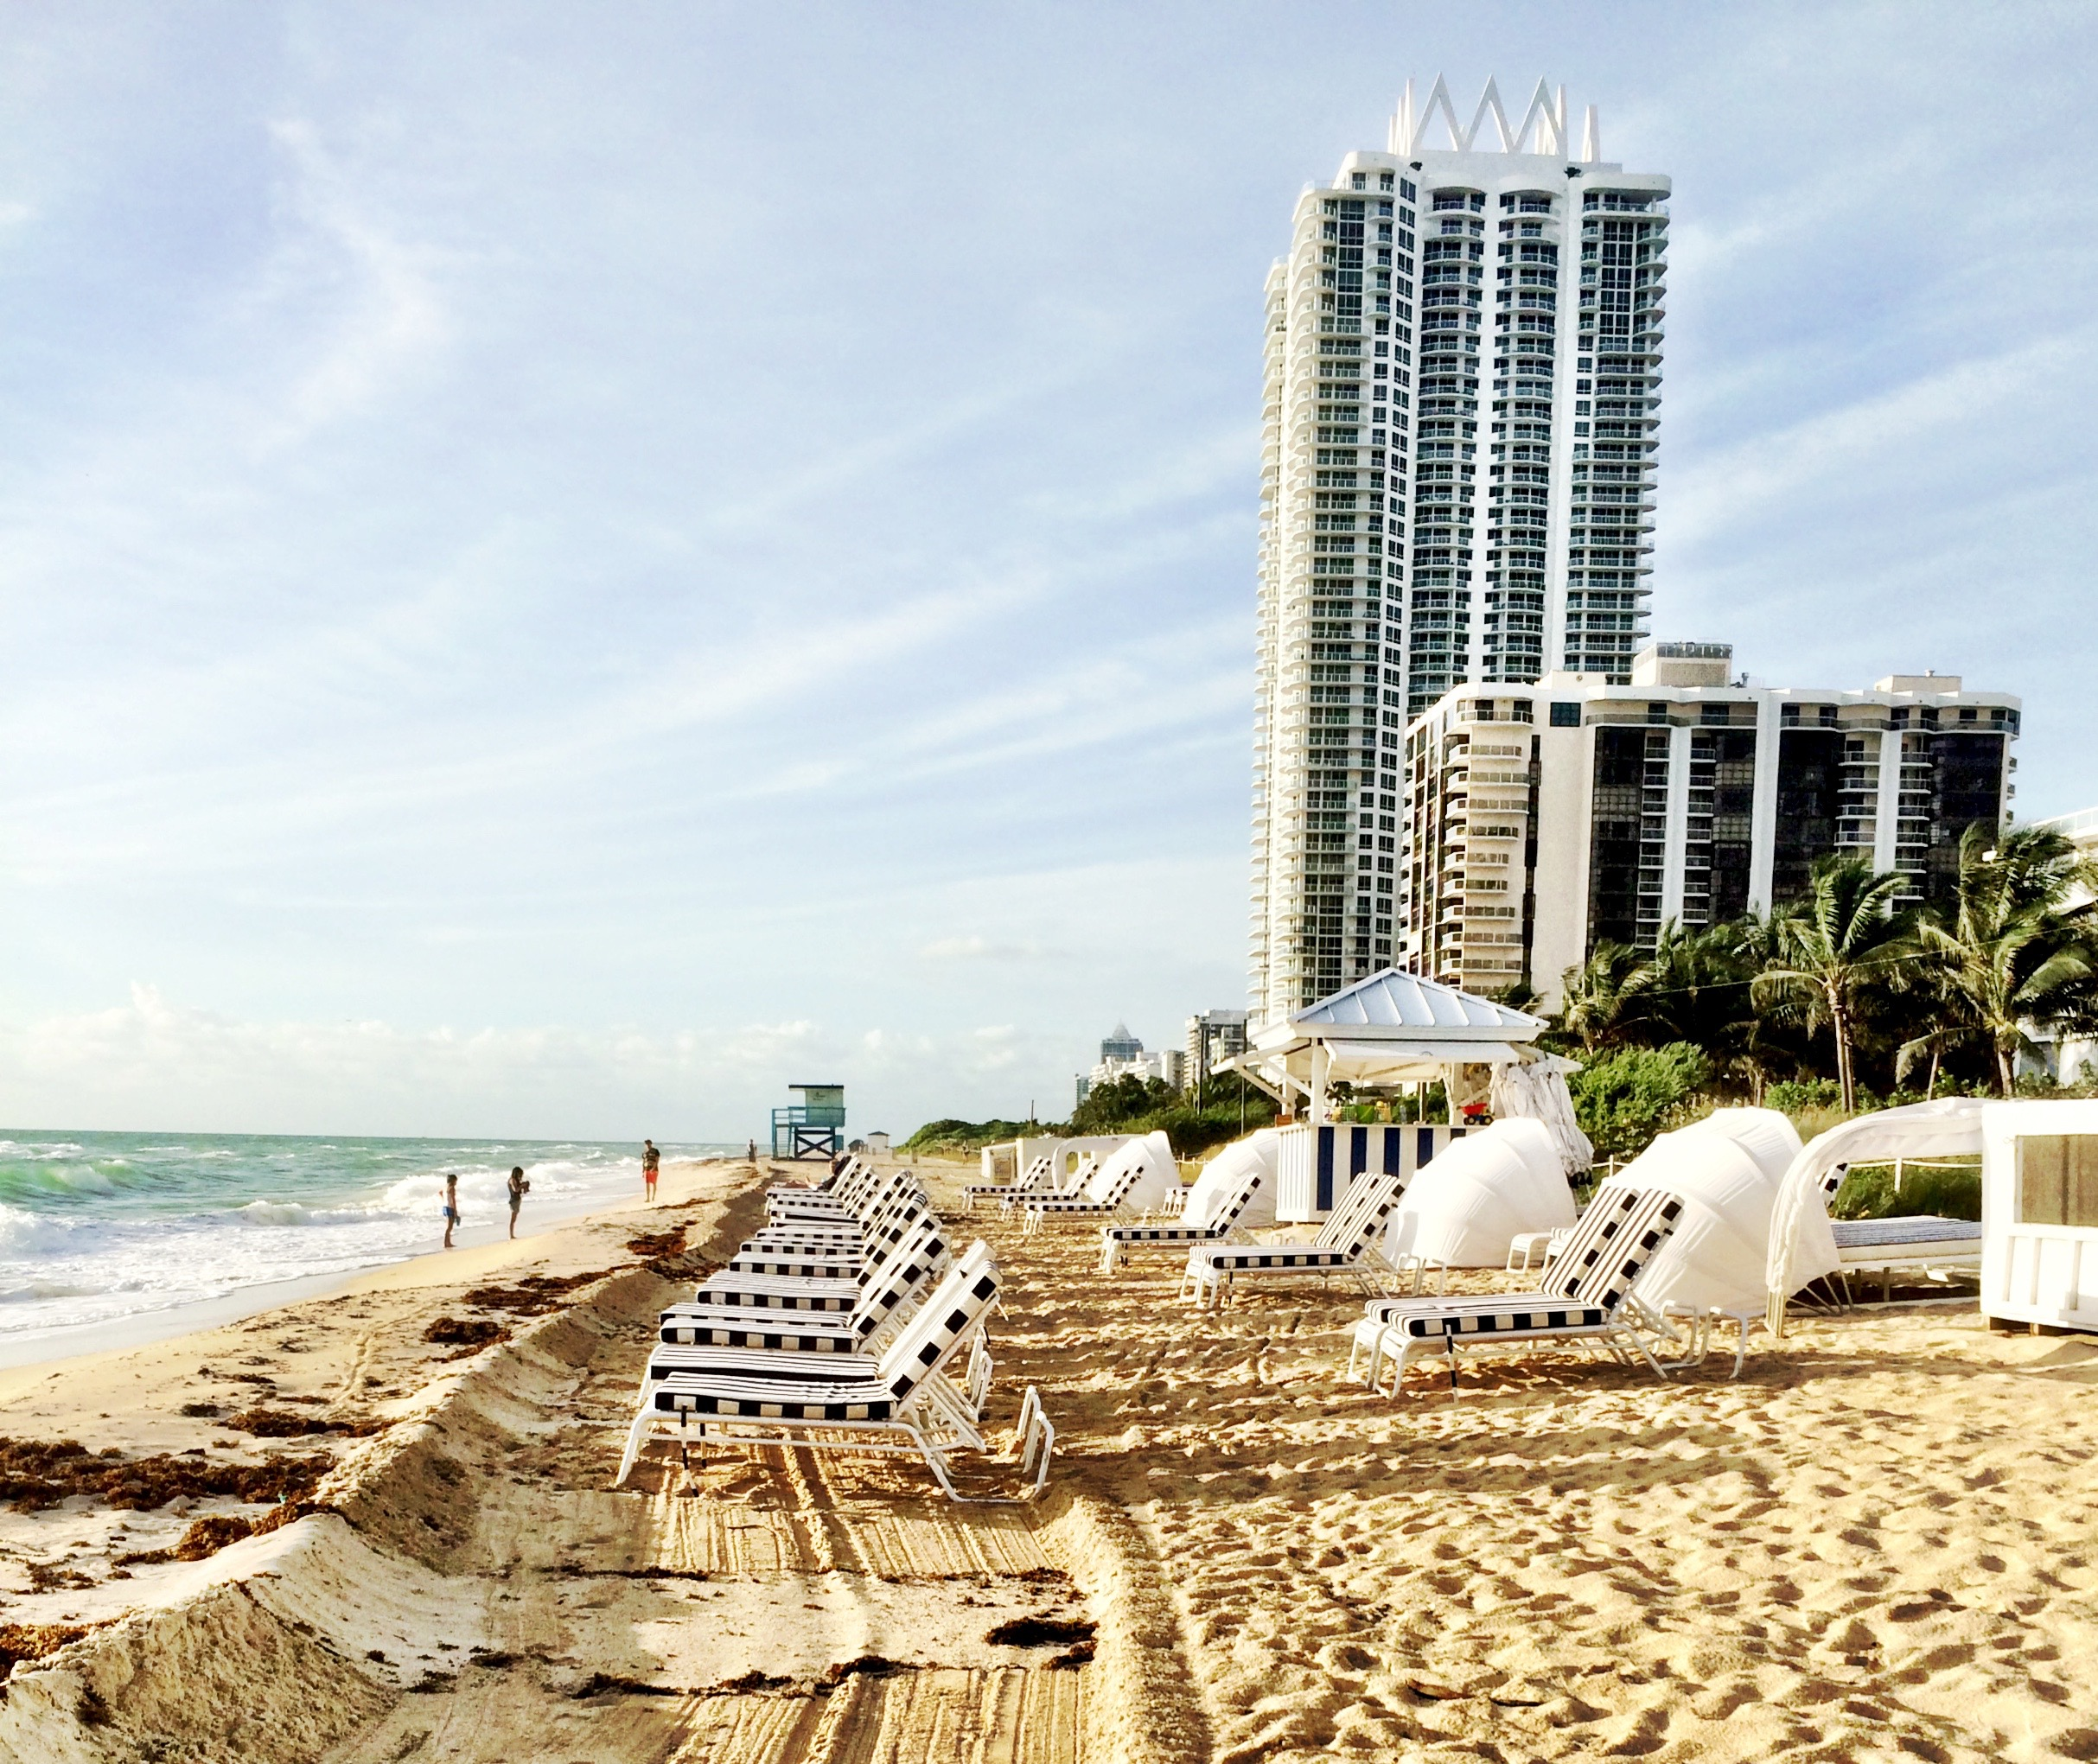 South Beach, Miami : October 2015